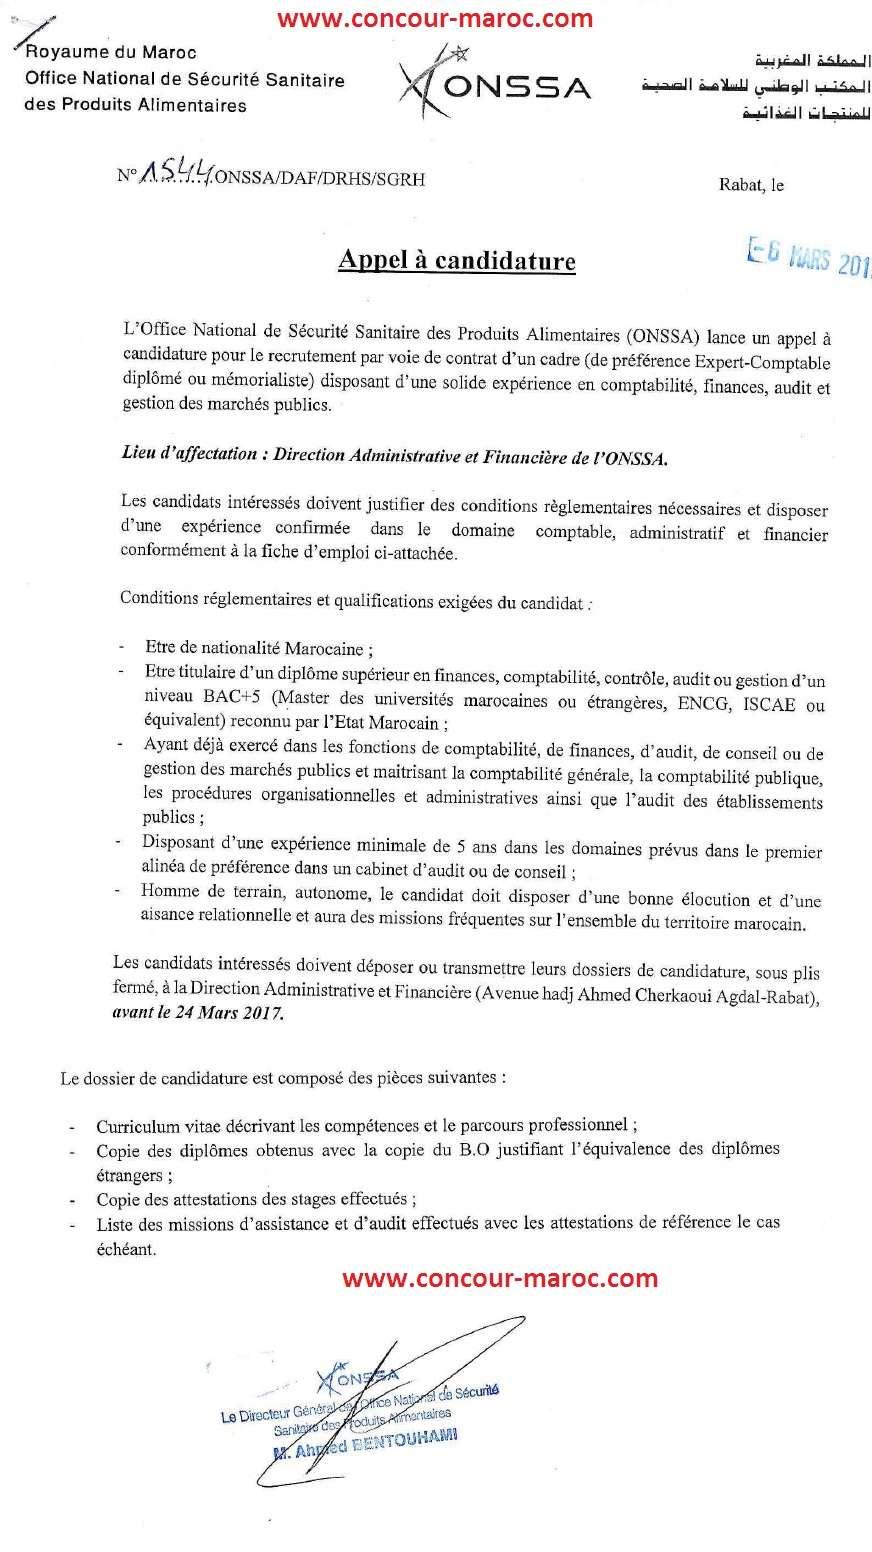 المكتب الوطني للسلامة الصحية للمنتجات الغذائية : مباراة لتوظيف (بموجب عقد) ٌاطار في المحاسبة (1 منصب) آخر أجل لإيداع الترشيحات 24 مارس 2017 Concou36